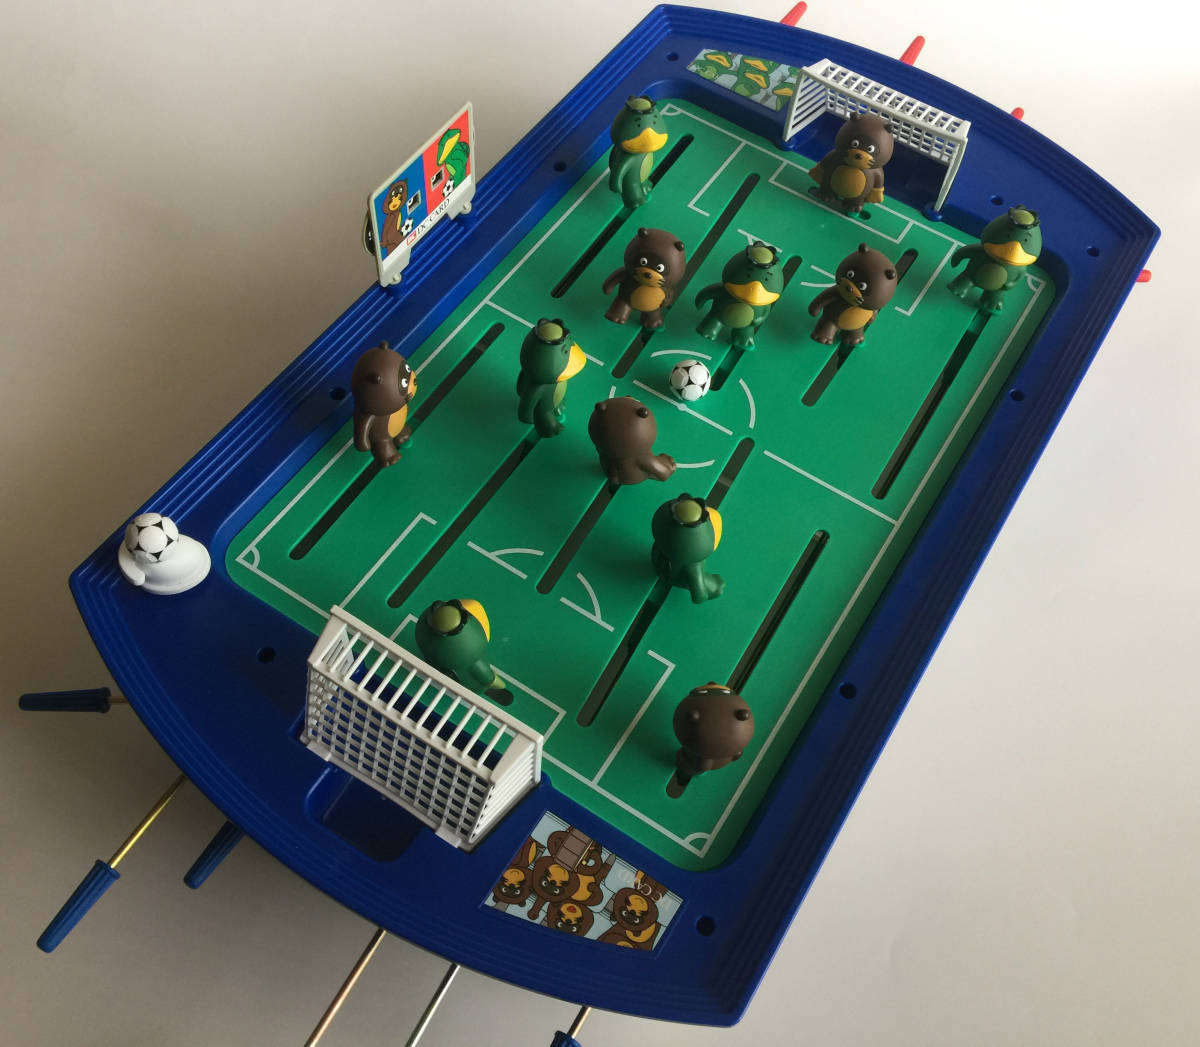 【DCカードカッパ たぬき】 たぬキック&サッカッパーゲーム 【DC CARD カッパたぬき サッカーゲーム】_画像5